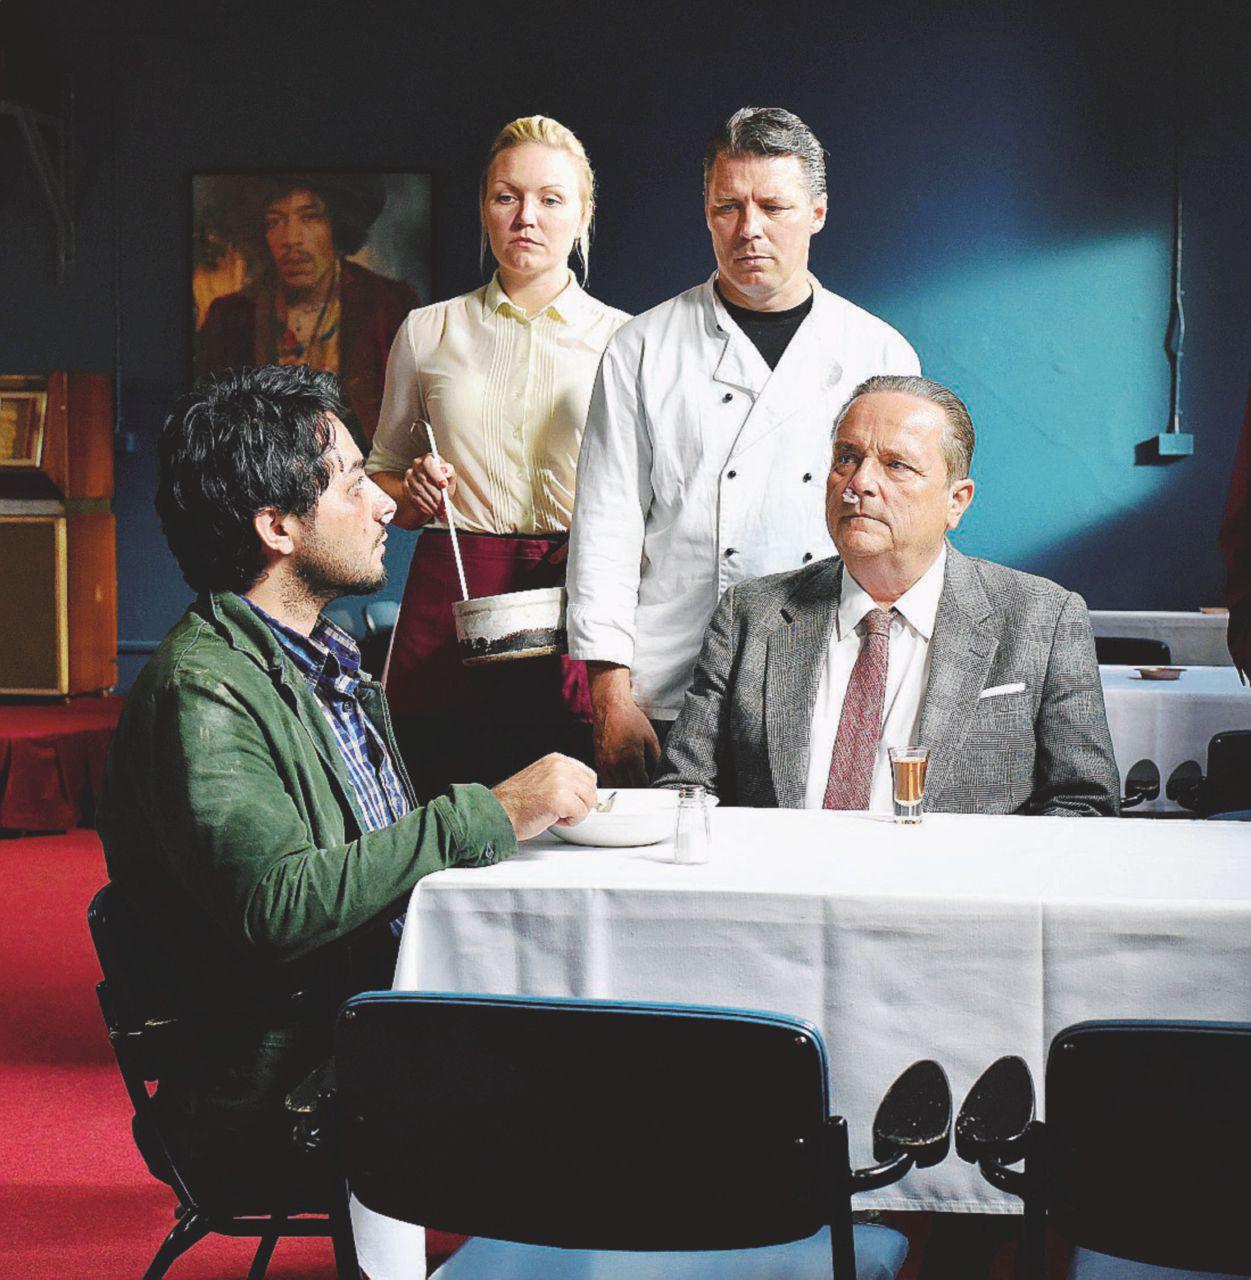 La speranza di Kaurismäki: un'Europa di nuovo accogliente